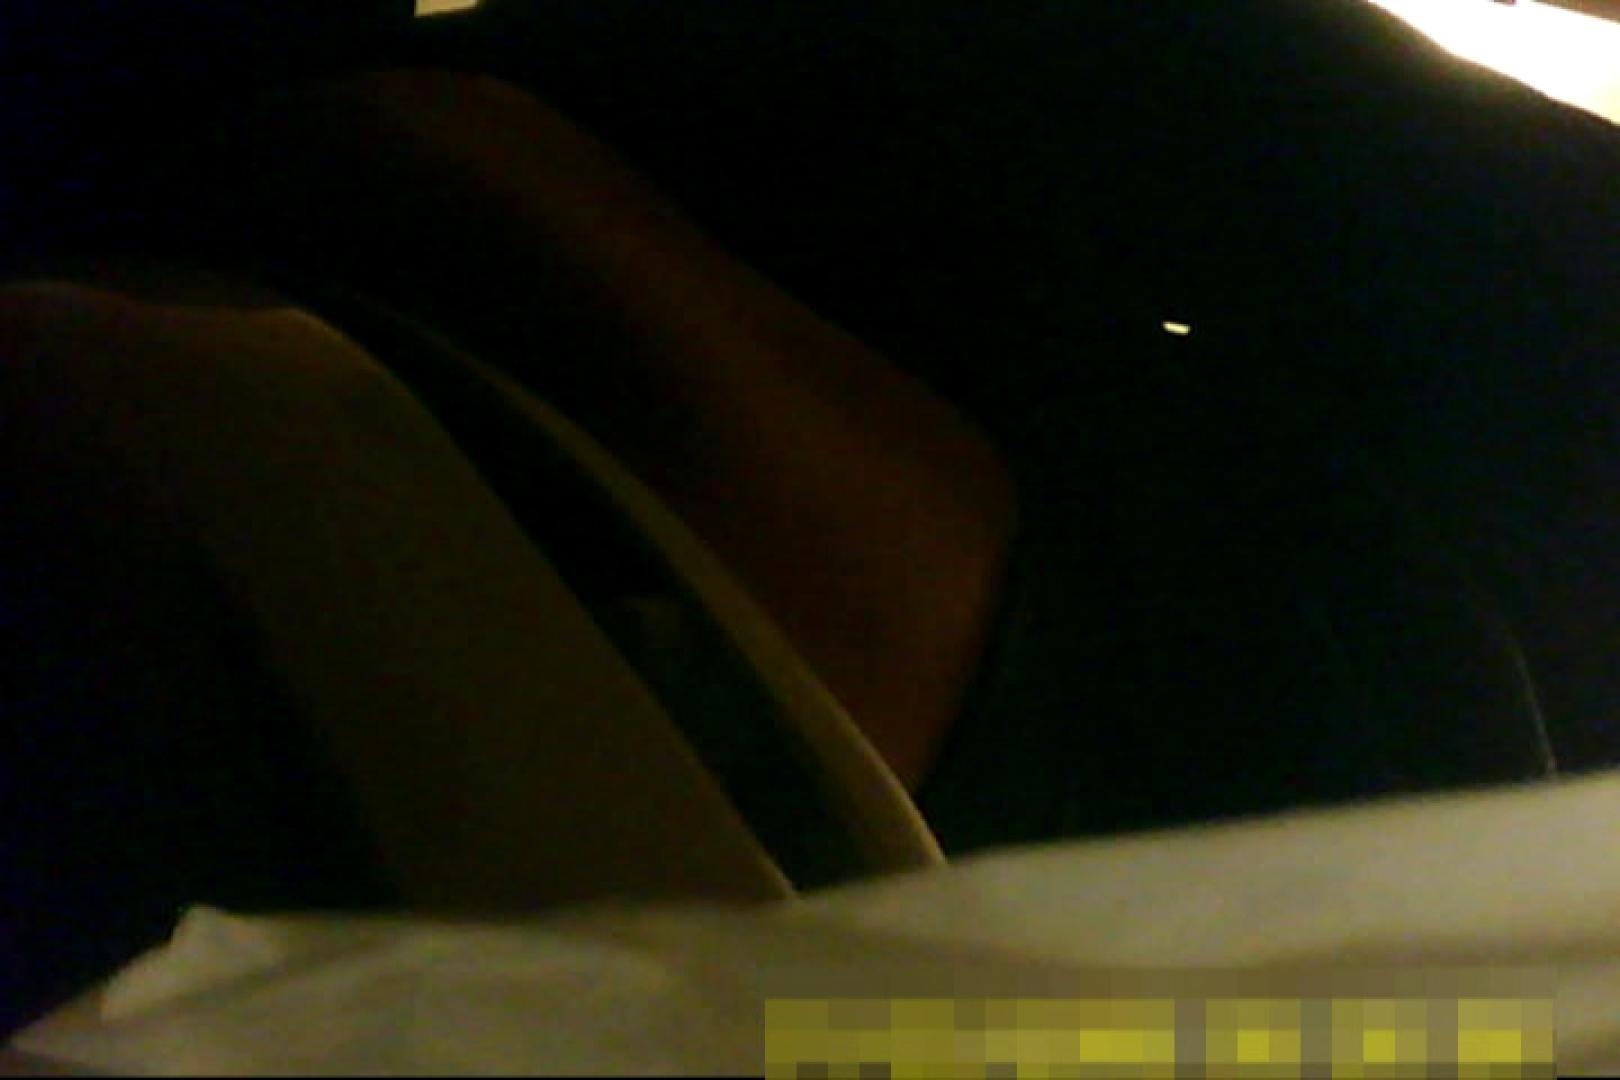 魅惑の化粧室~禁断のプライベート空間~vol.8 熟女丸裸 アダルト動画キャプチャ 91pic 14